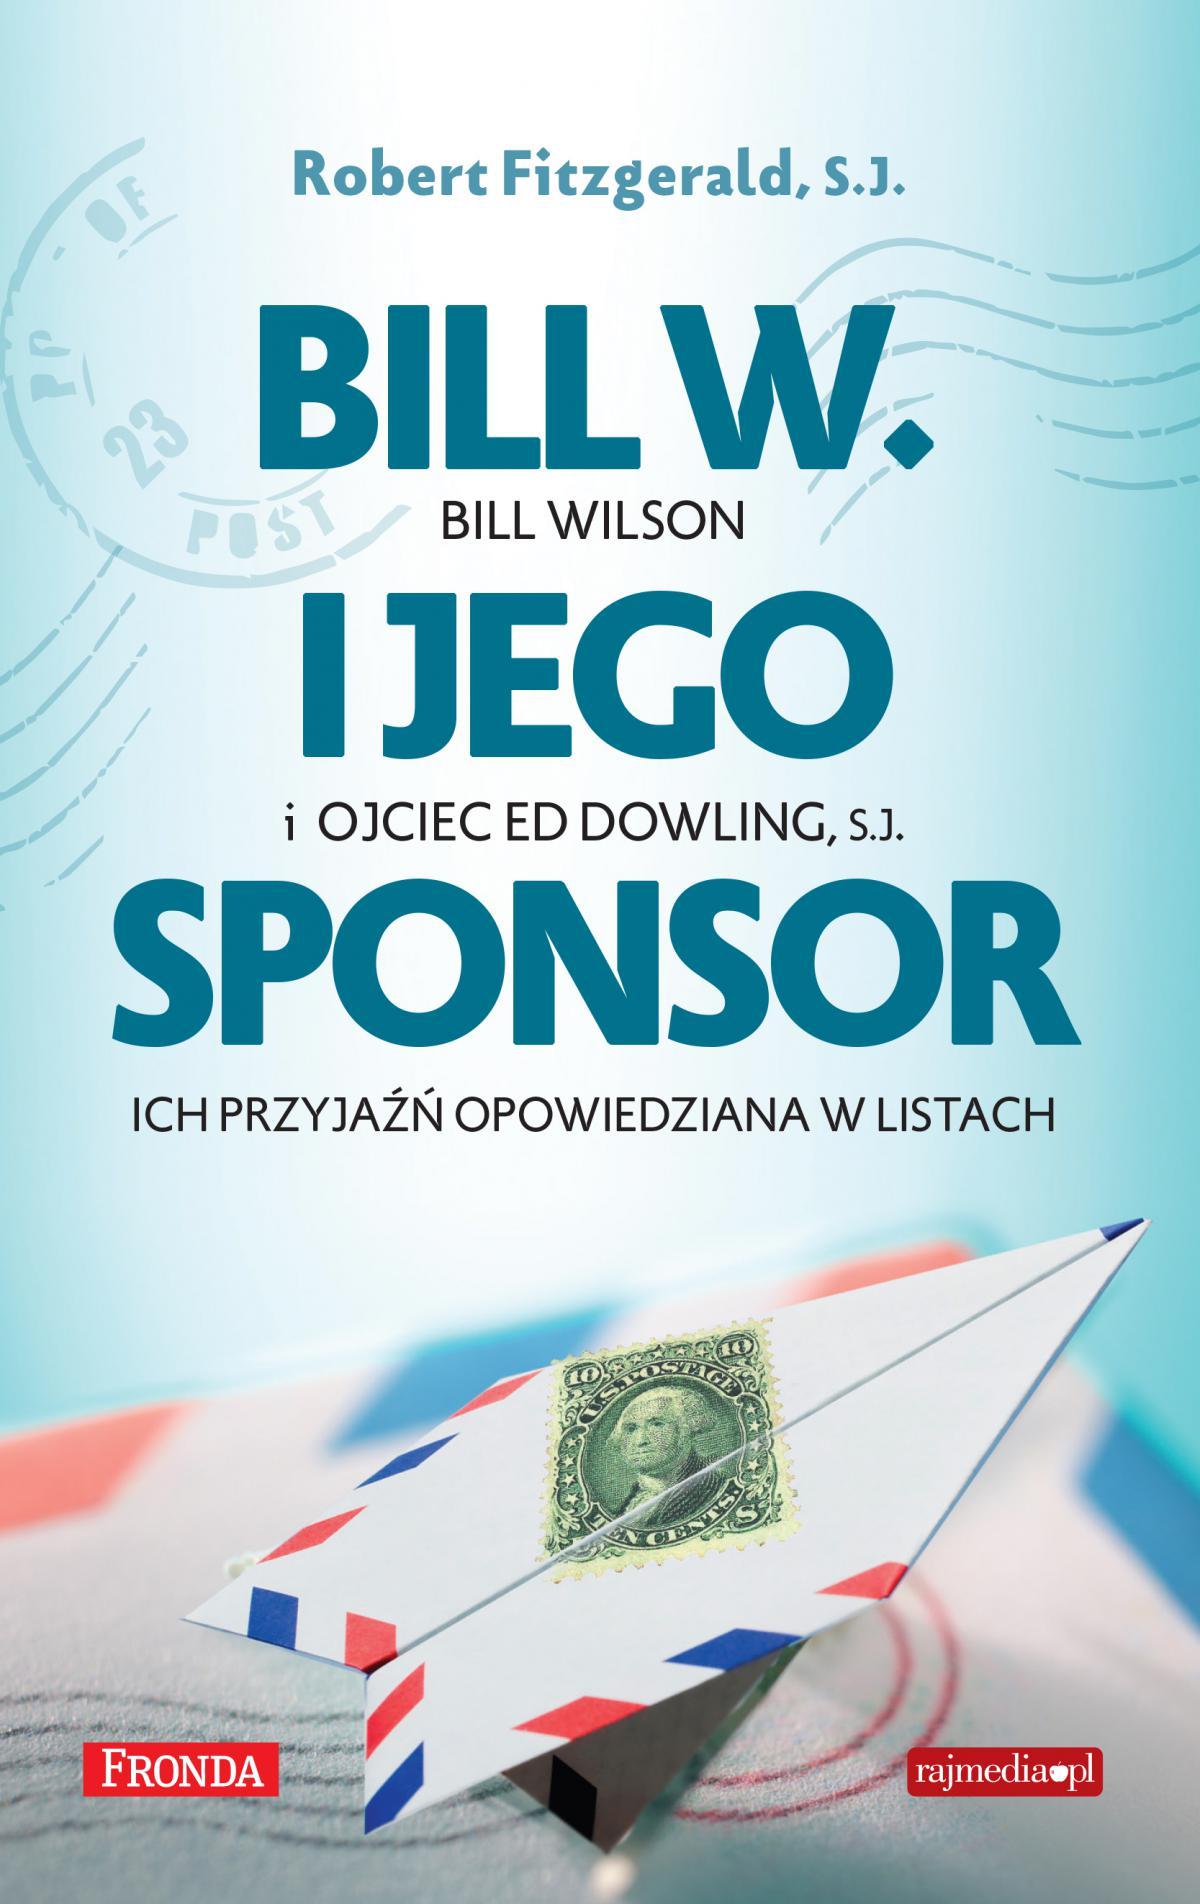 Bill W. i jego sponsor - Ebook (Książka EPUB) do pobrania w formacie EPUB